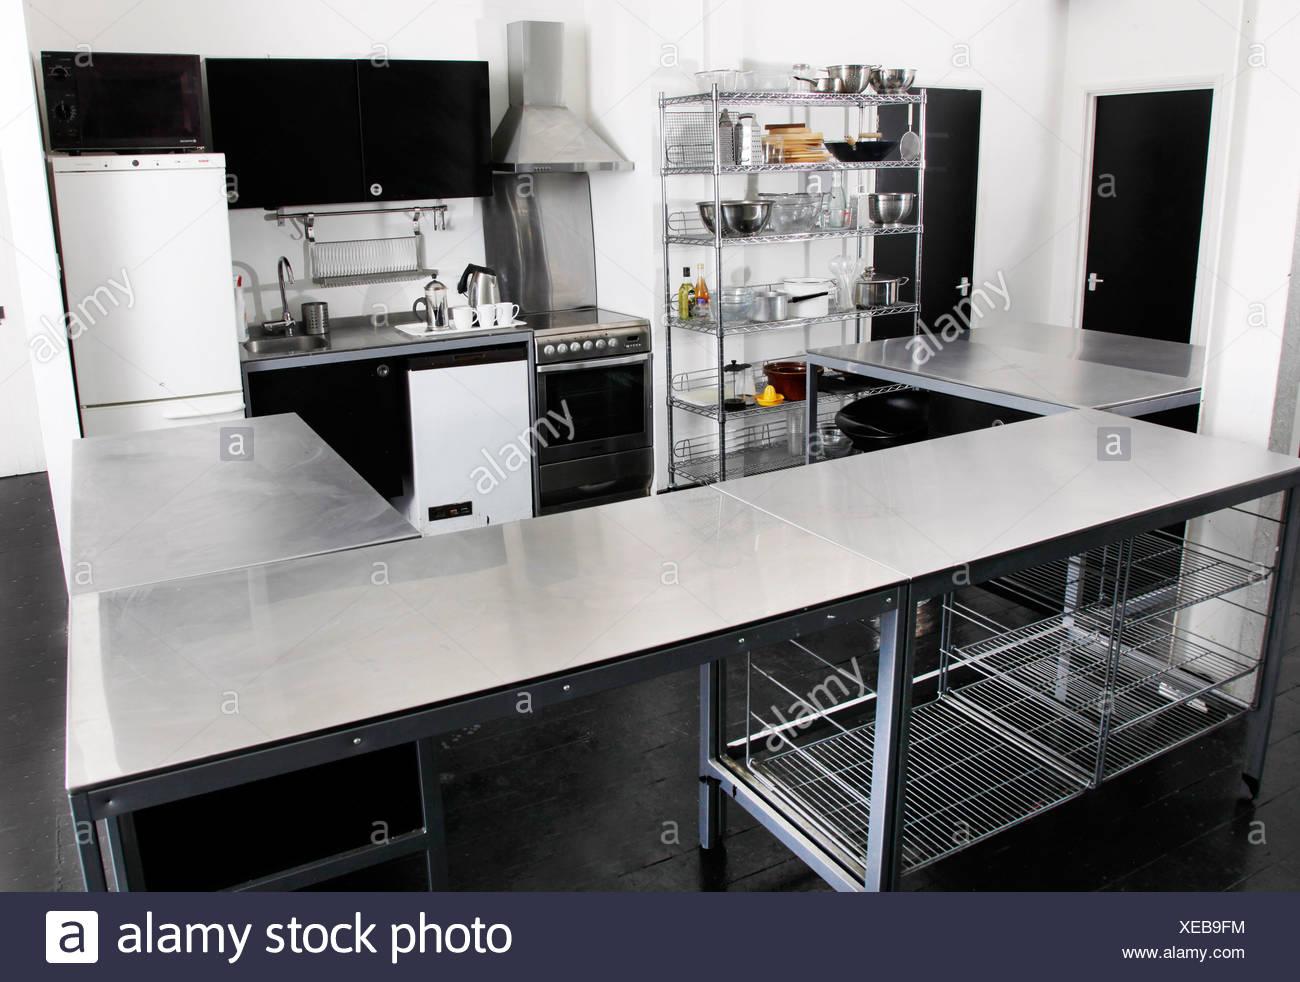 Stainless Steel Kitchen Worktop Stock Photos & Stainless Steel ...